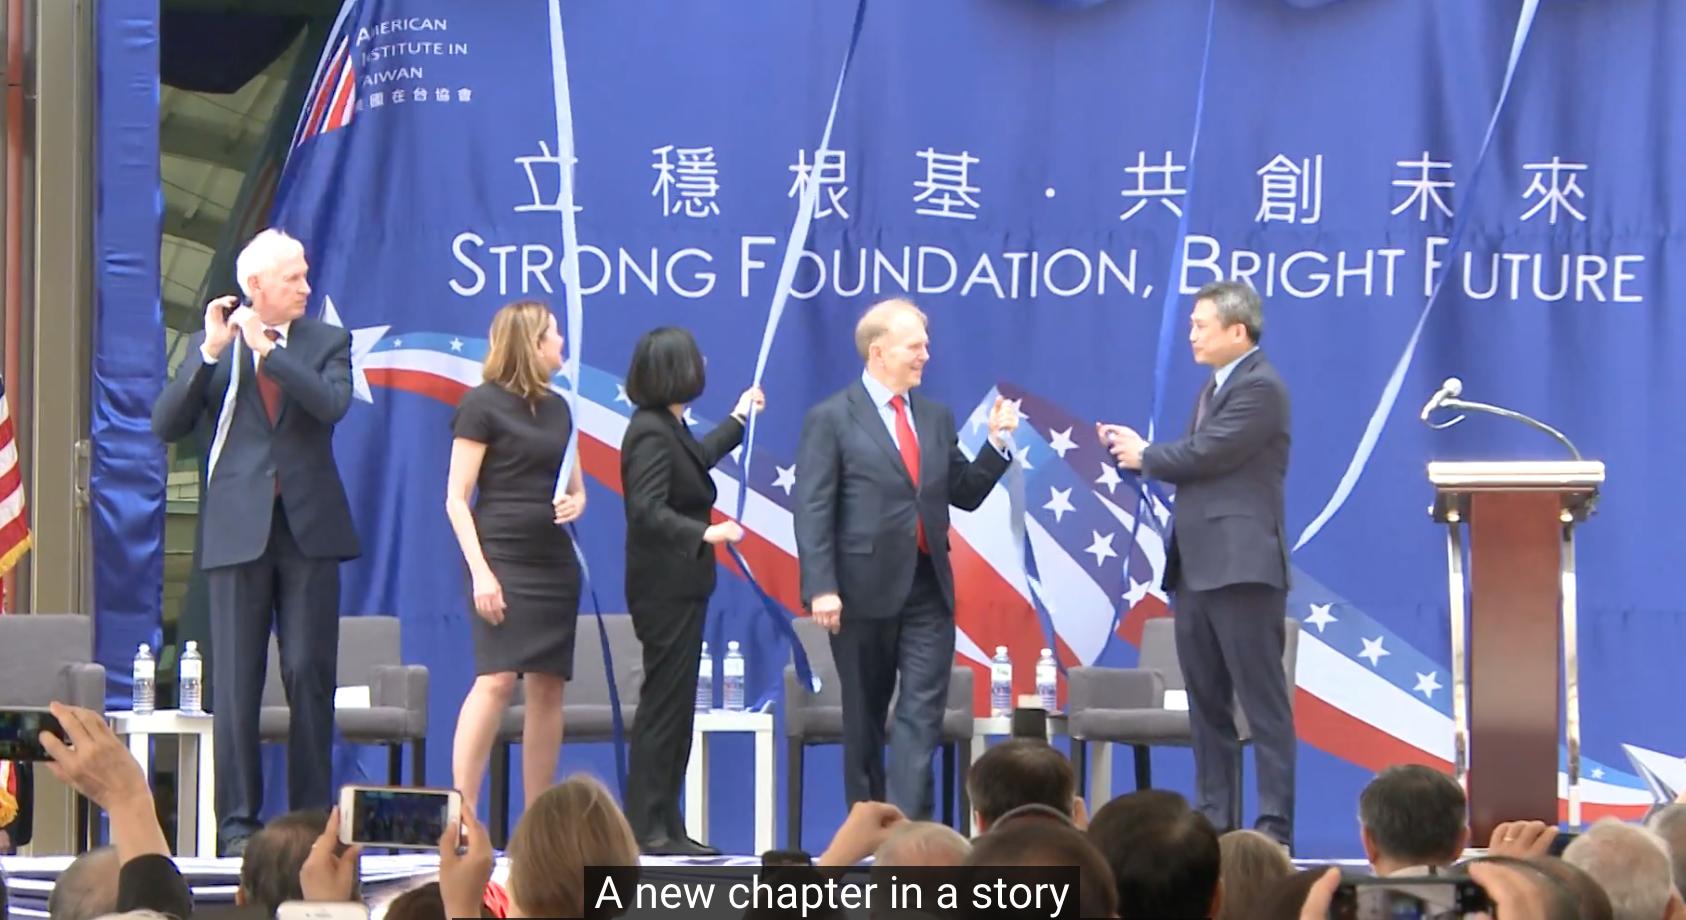 2018年美國在台協會內湖新館落成啟用典禮 (網路圖片)